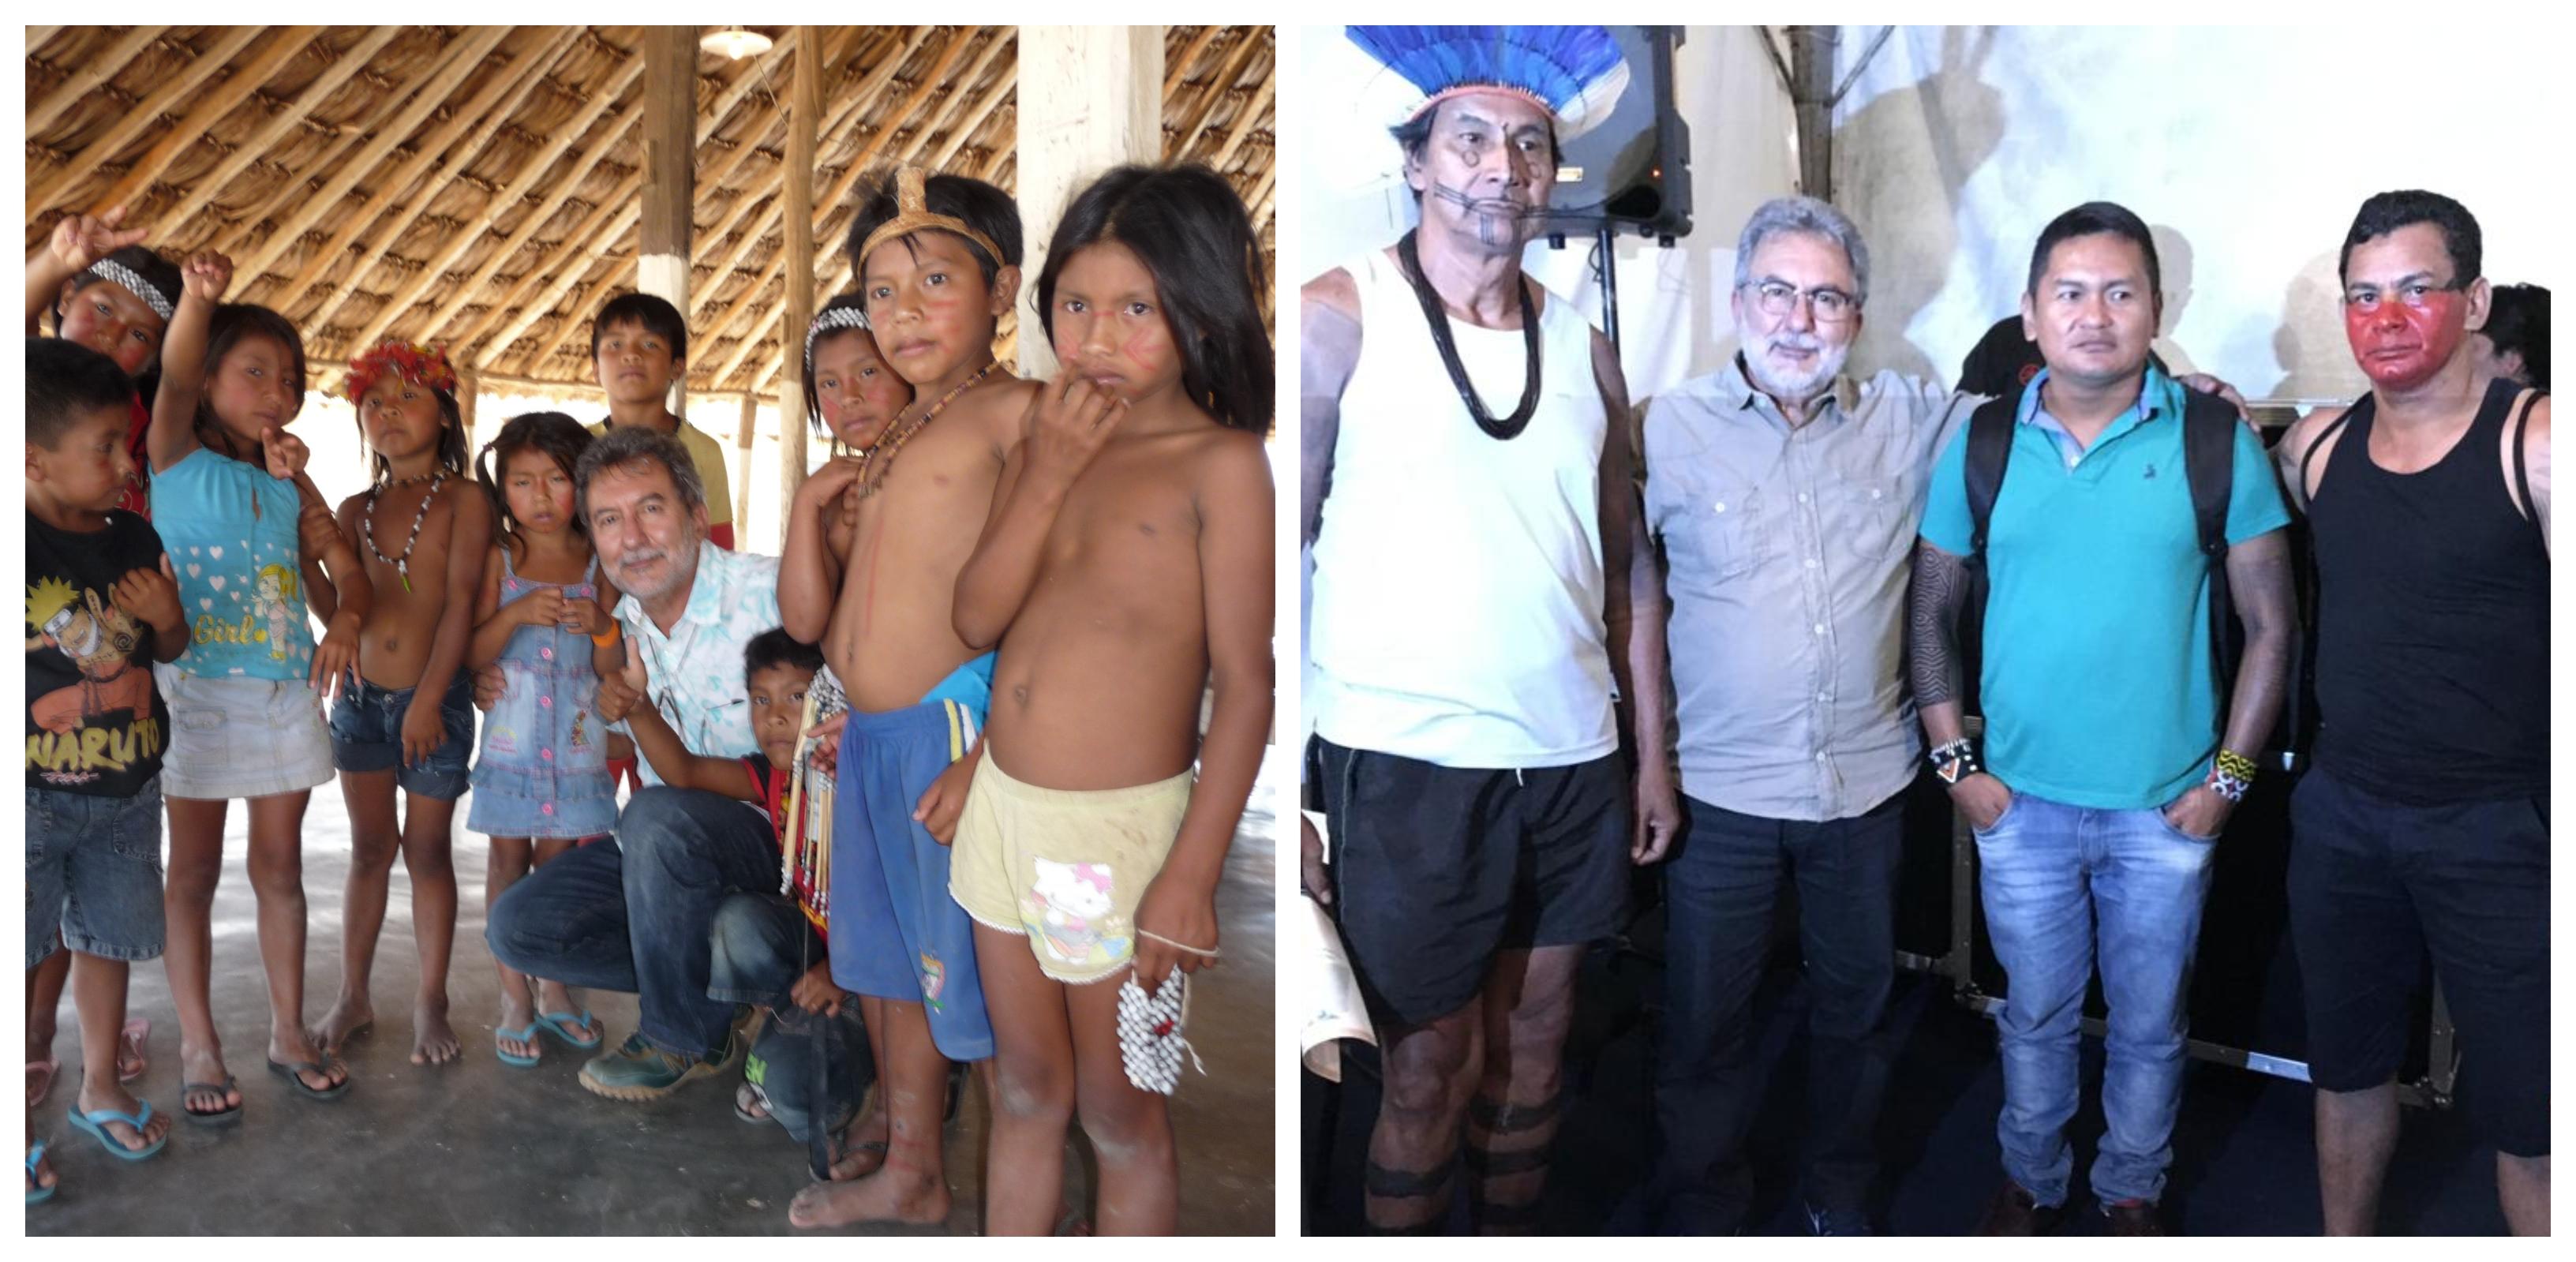 Revista médica inglesa denuncia: Bolsonaro ameaça a sobrevivência da população indígena; brasileiro explica porquê